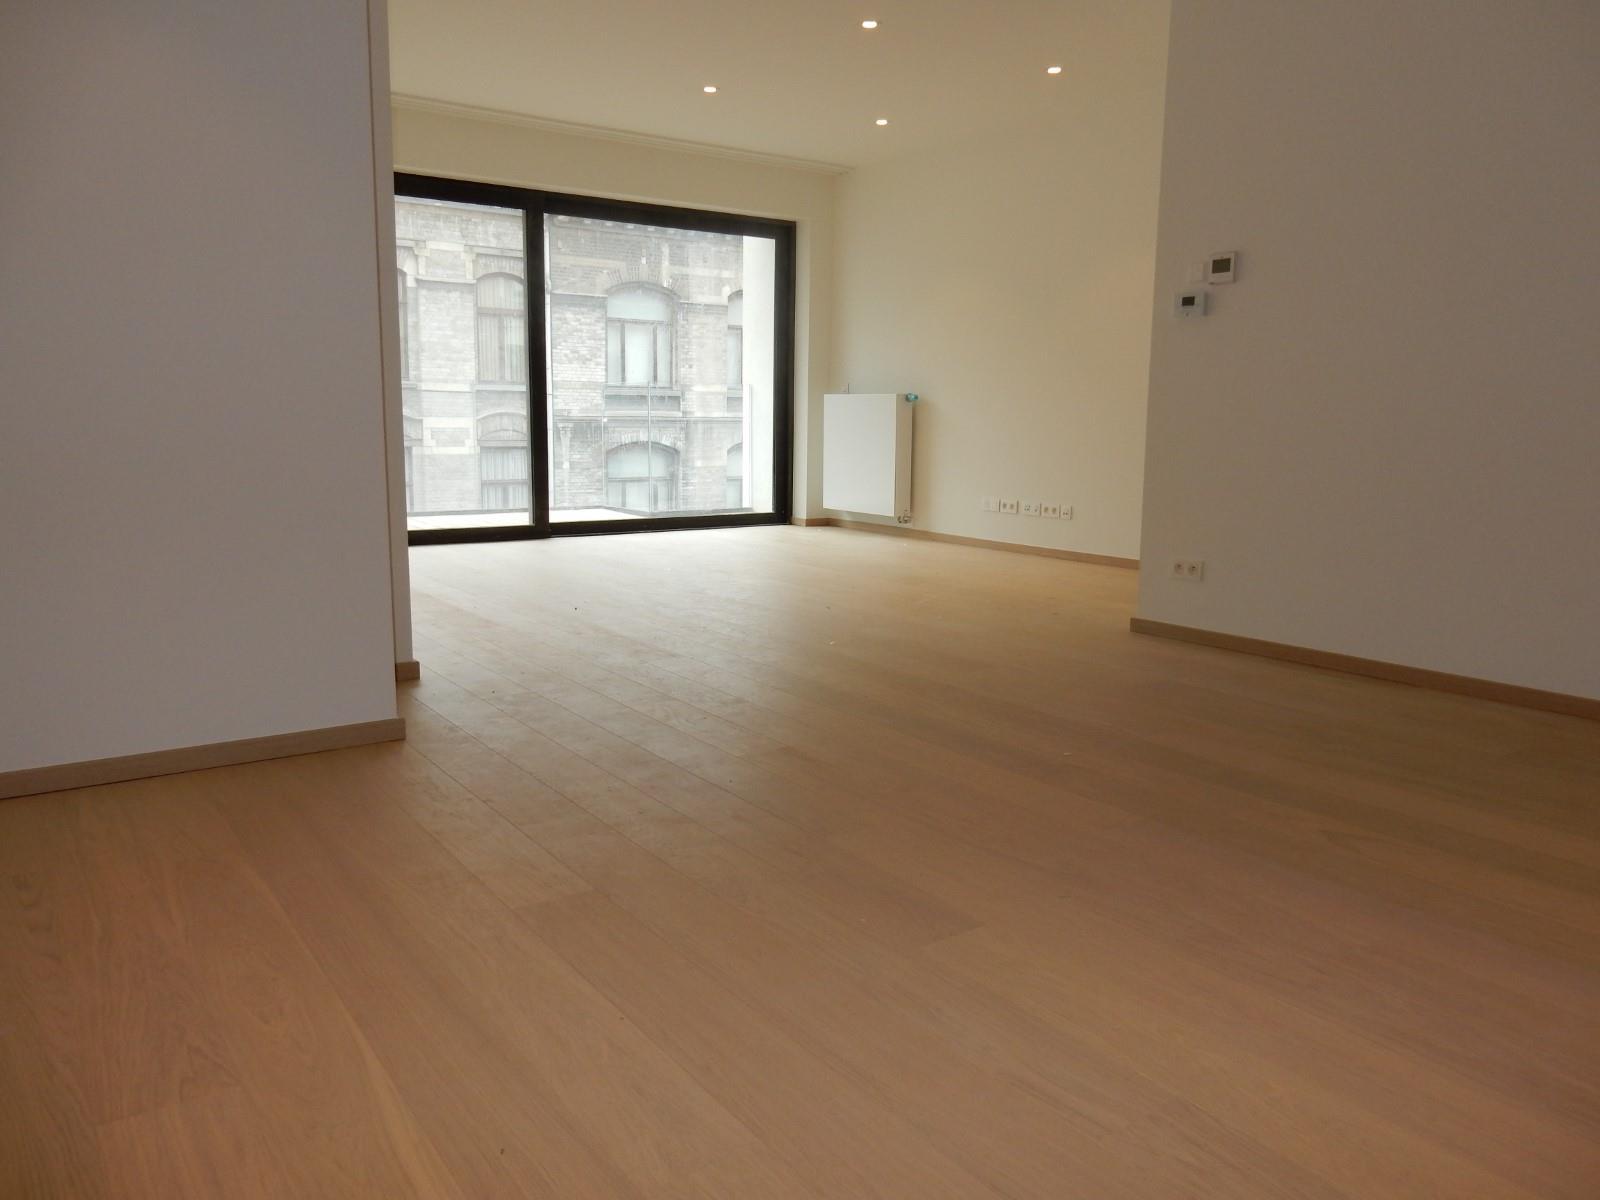 Appartement exceptionnel - Ixelles - #3791385-4